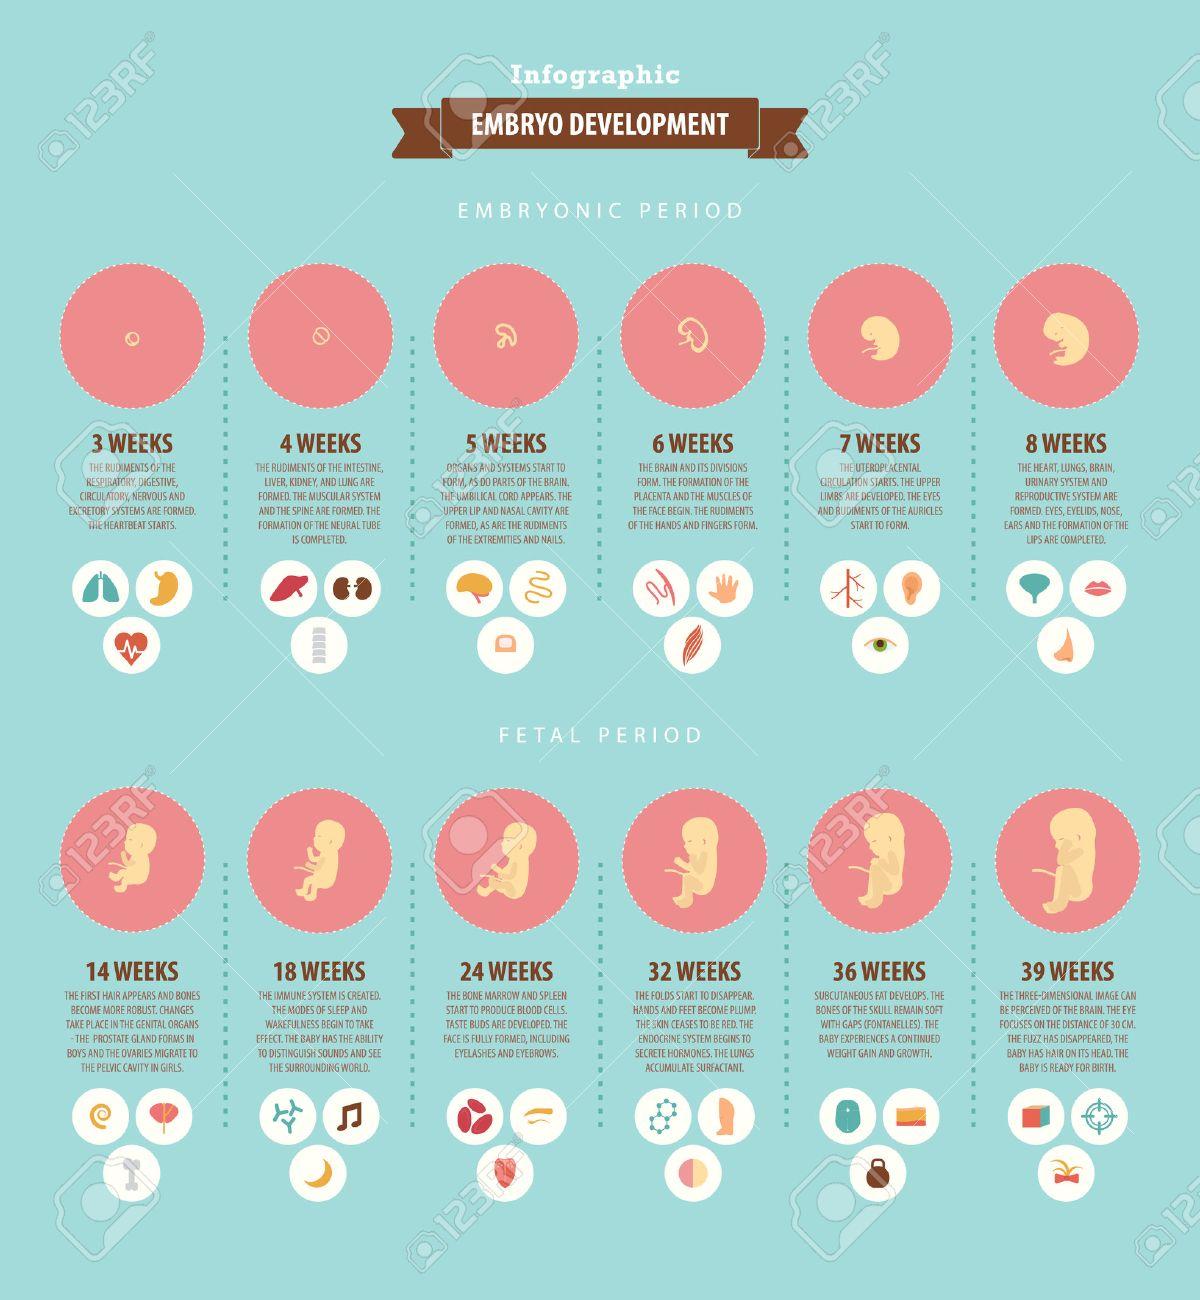 140f66ee8 El desarrollo del embrión. infografía sobre el desarrollo prenatal del niño  en semanas. datos